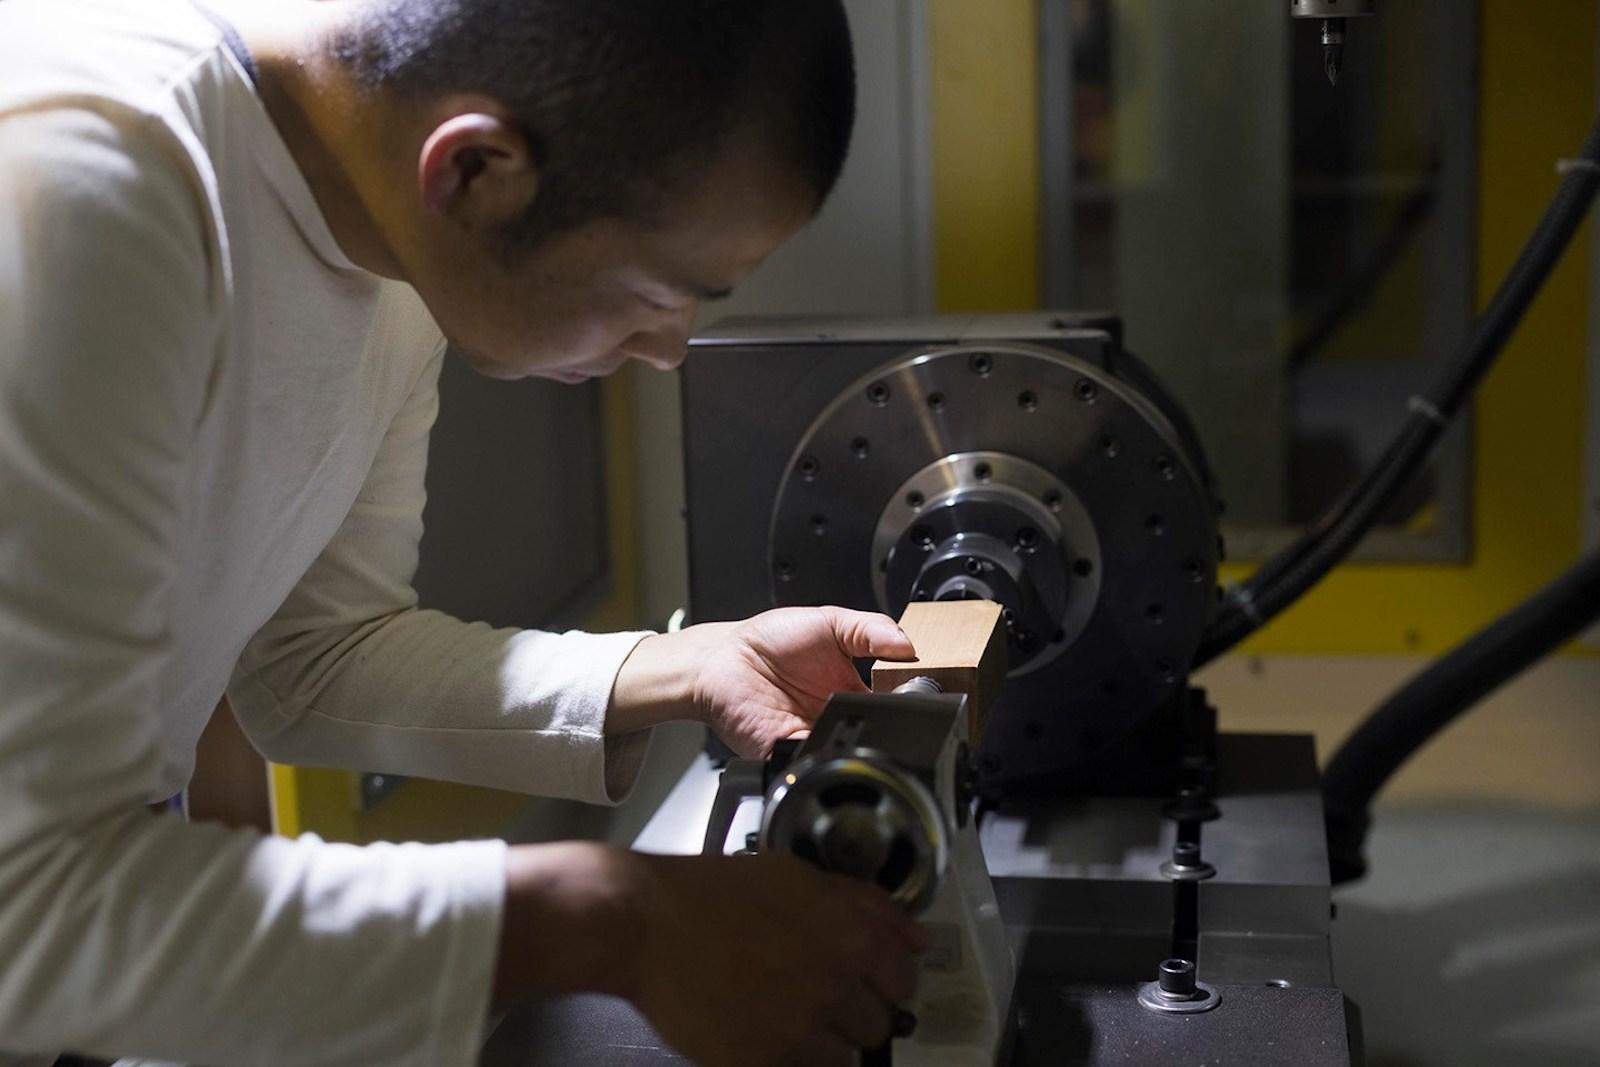 製品の切削のために、CNC機器に端材をセットする小石さん